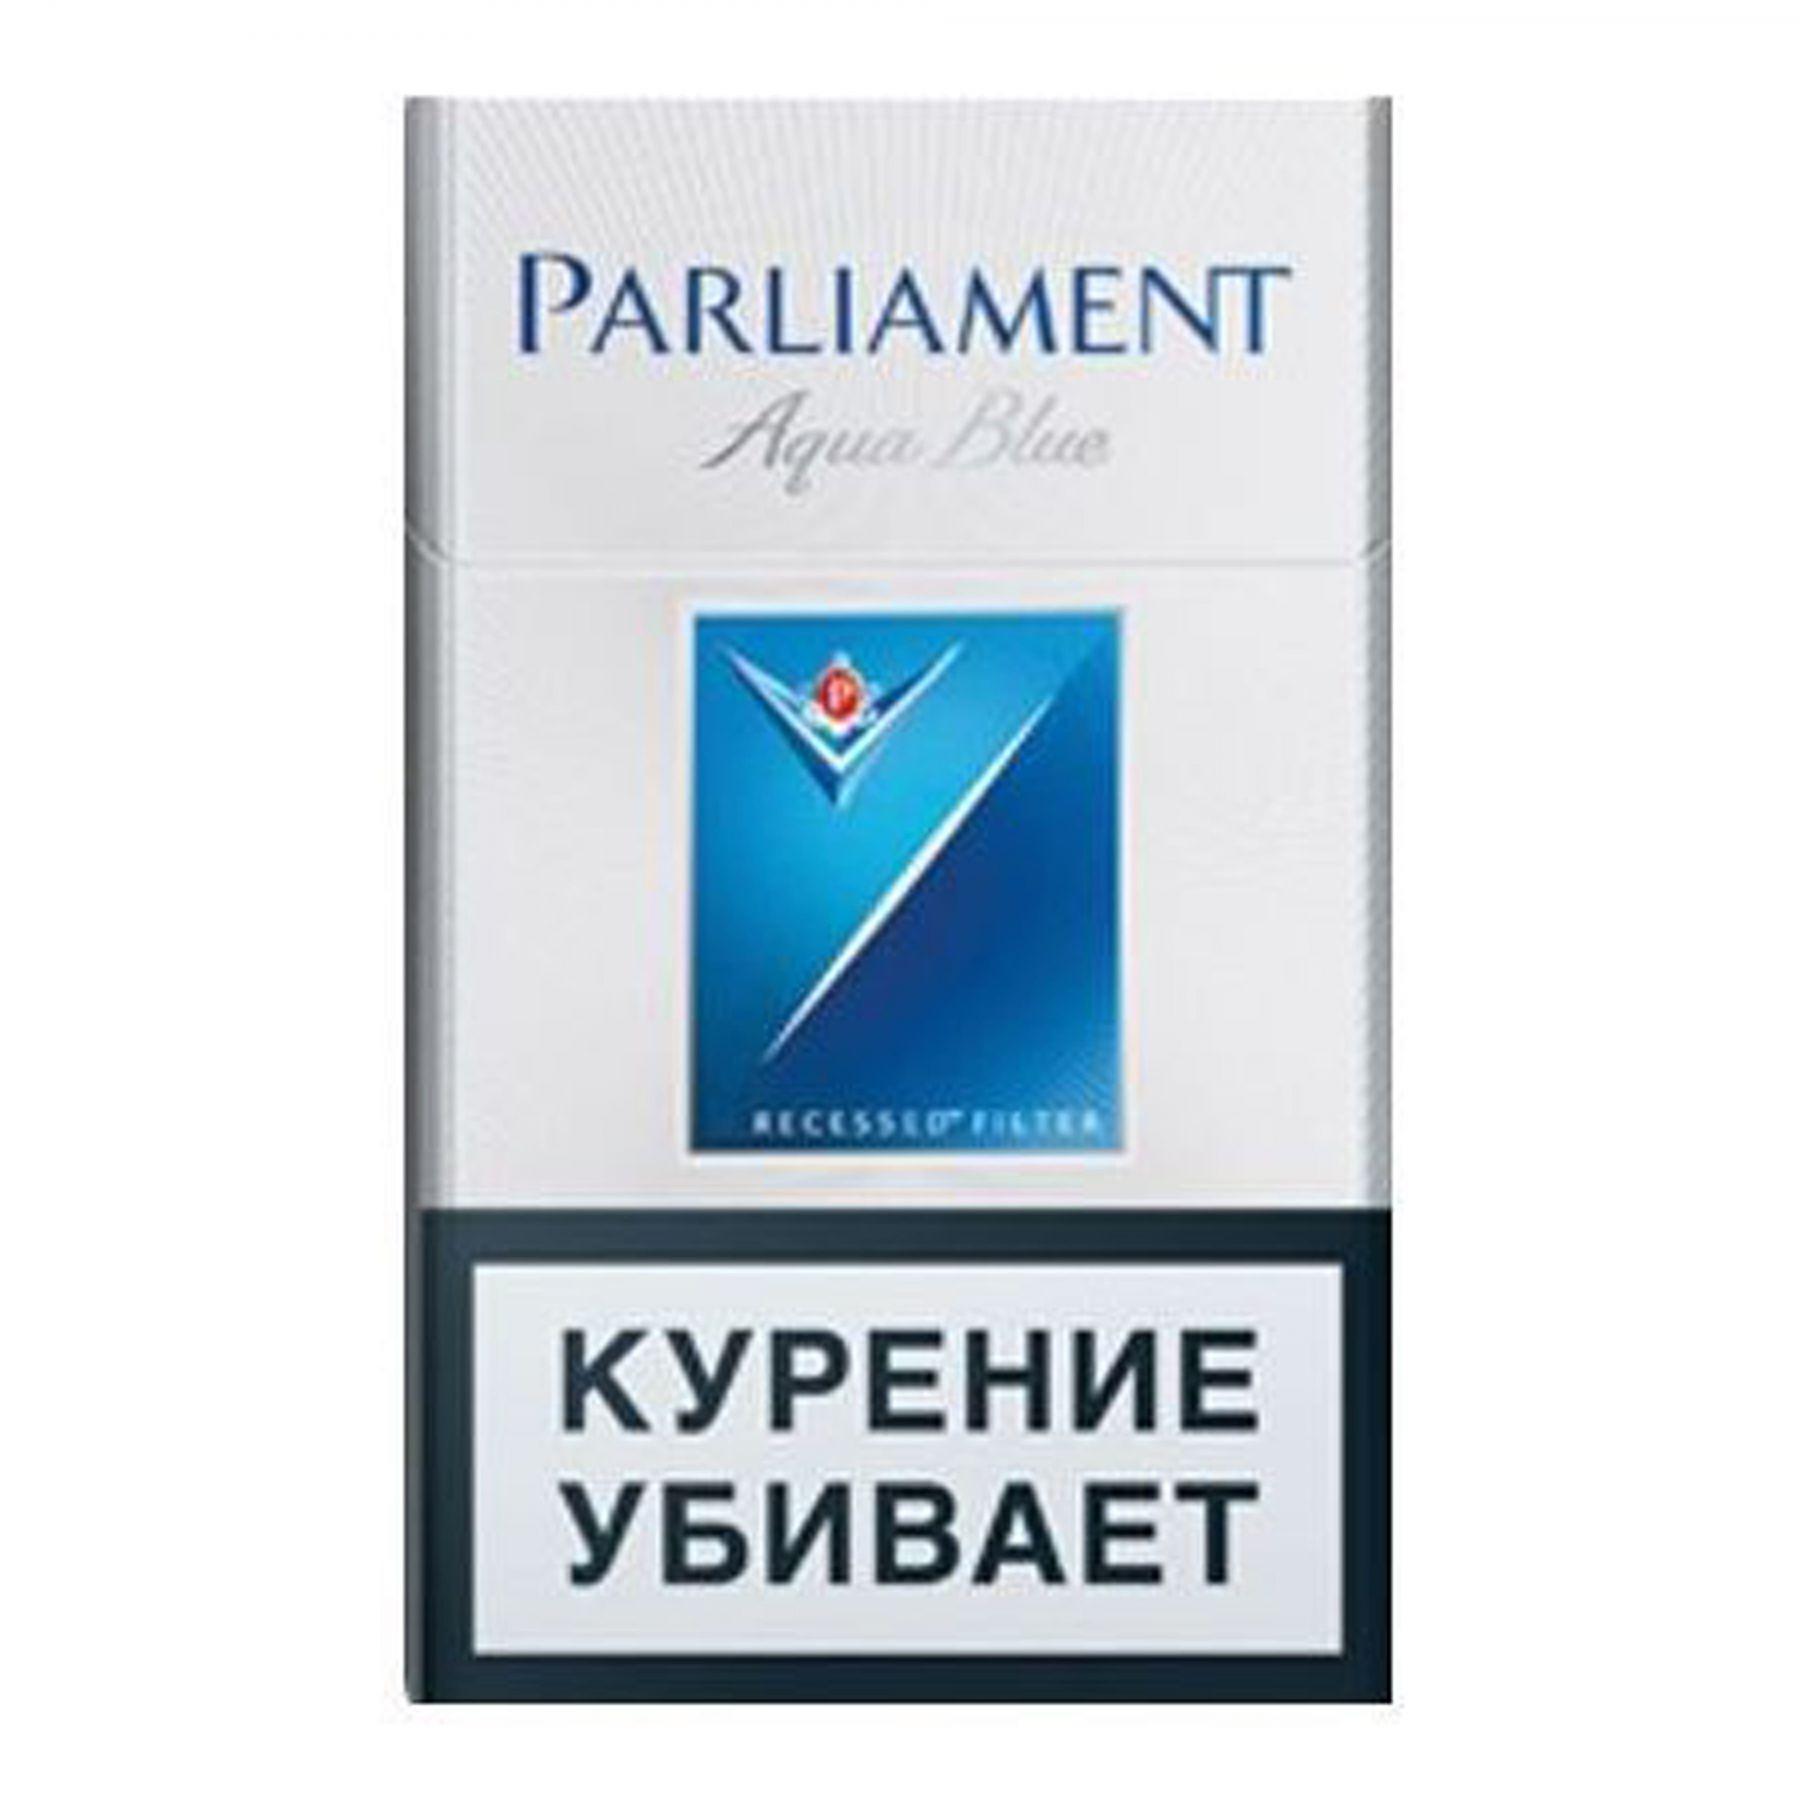 Купить сигареты парламент в спб табак белгород опт